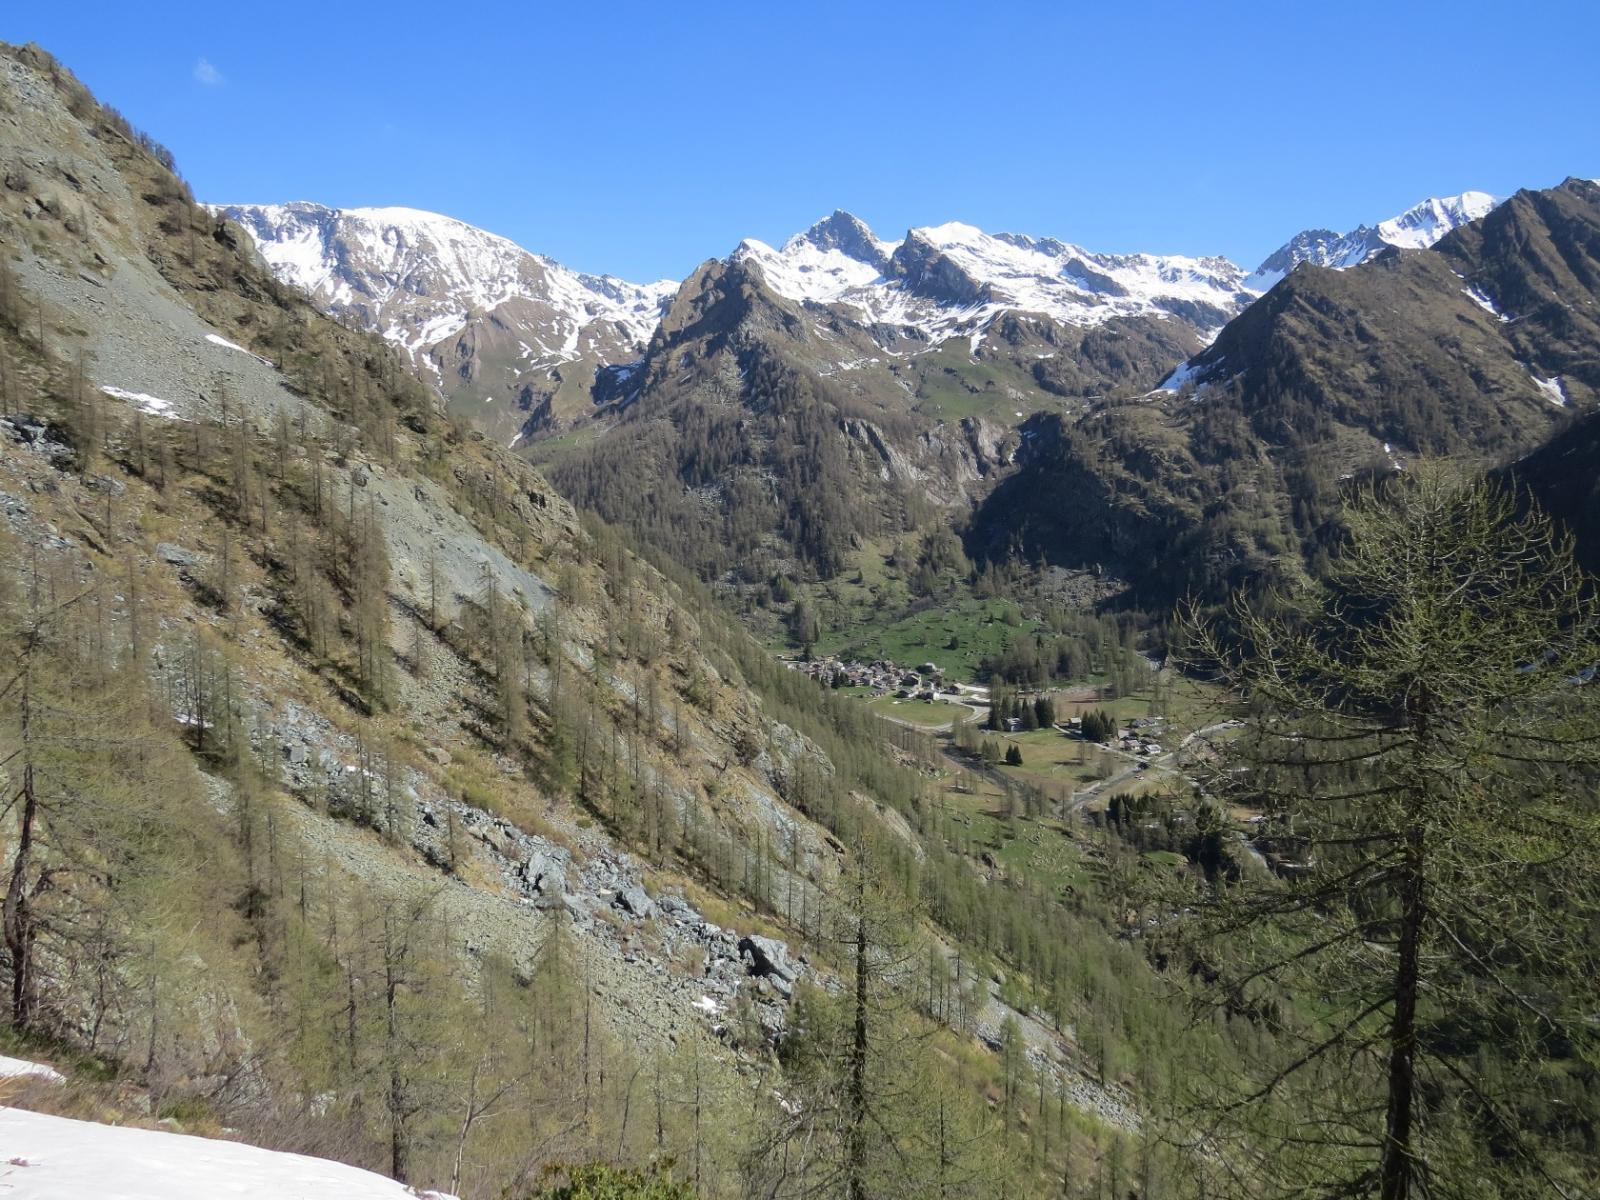 Vista su Piamprato dai pressi di Cima Brenvetto